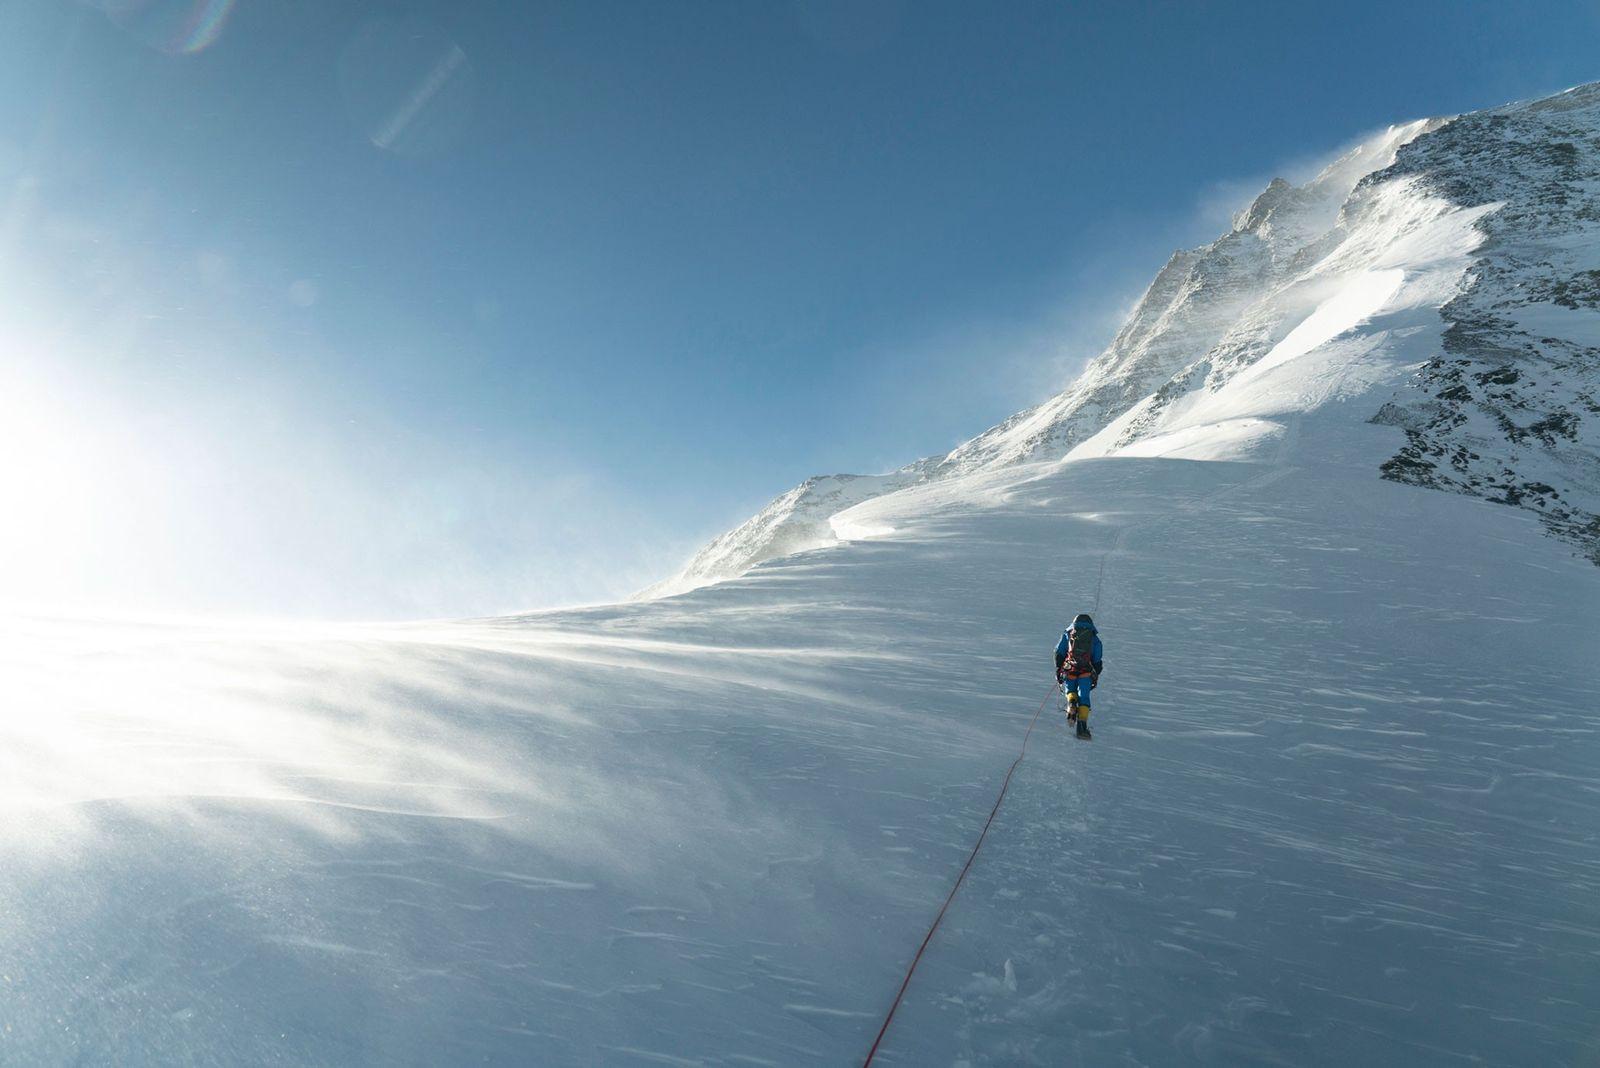 Ein Bergsteiger folgt bei starkem Wind der Normalroute auf dem Nordgrat des Everest. Der Wind wird ...